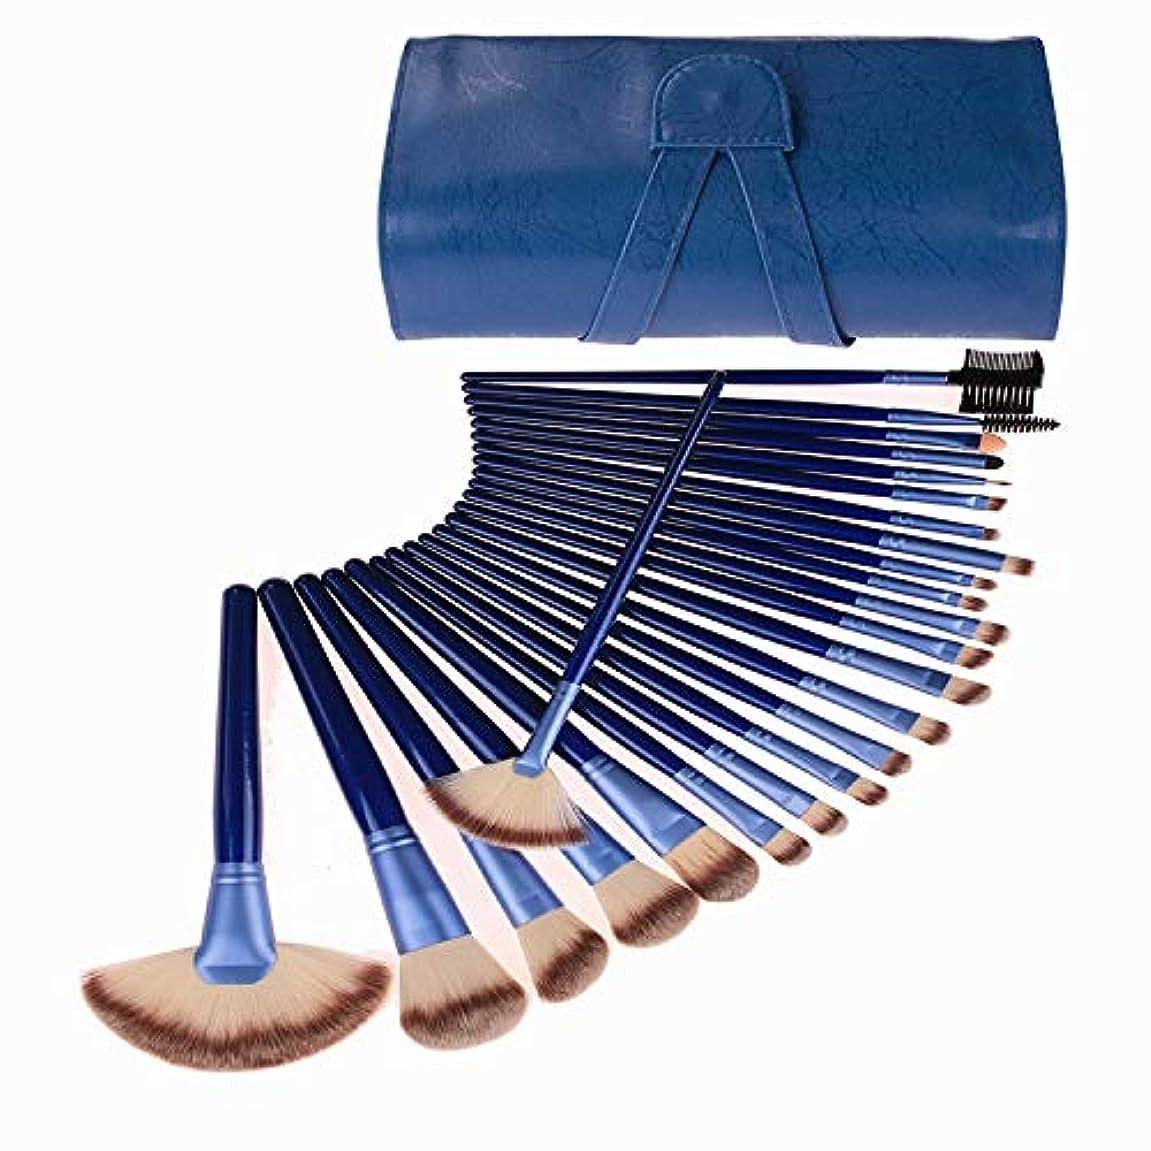 化粧ブラシスタートメーカー24個天然竹化粧ブラシセットビーガンプロ化粧品歌舞伎ブラシ化粧ブラシセット非常に柔らかい化粧ブラシセット美容スポンジ (Color : Blue)